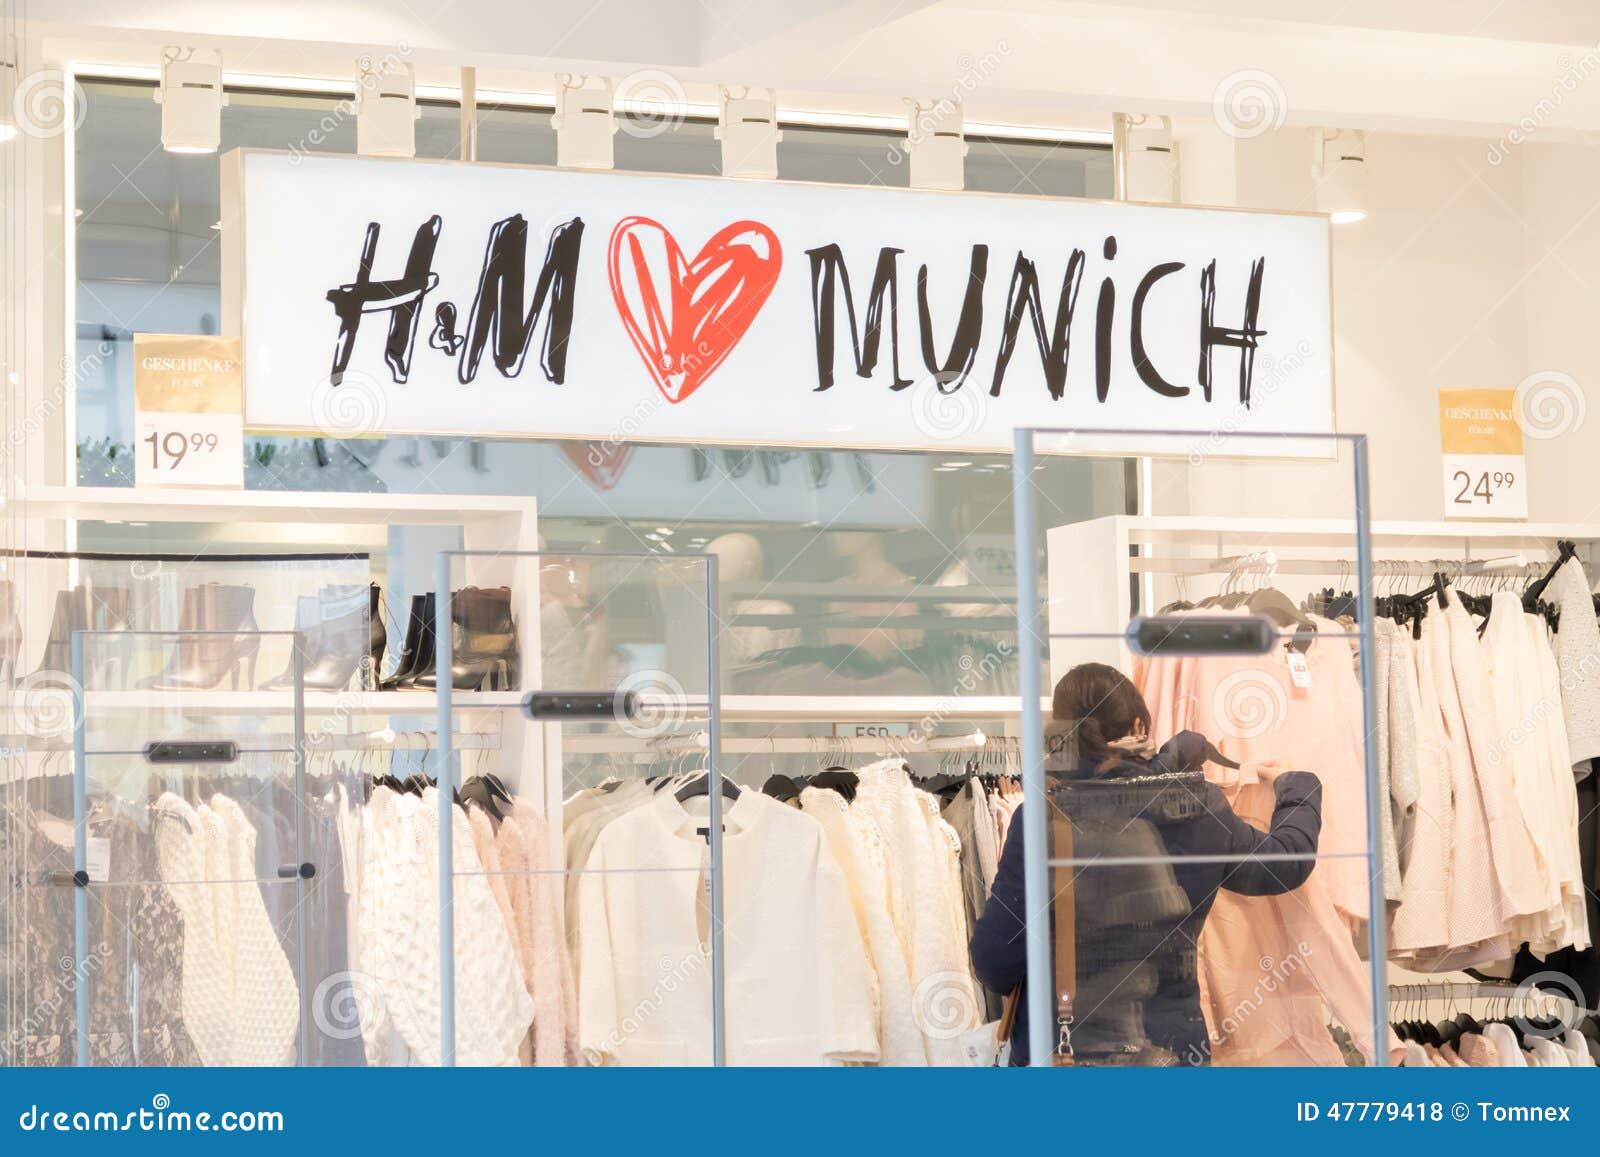 Hm München Redaktionelles Stockfoto Bild Von System 47779418